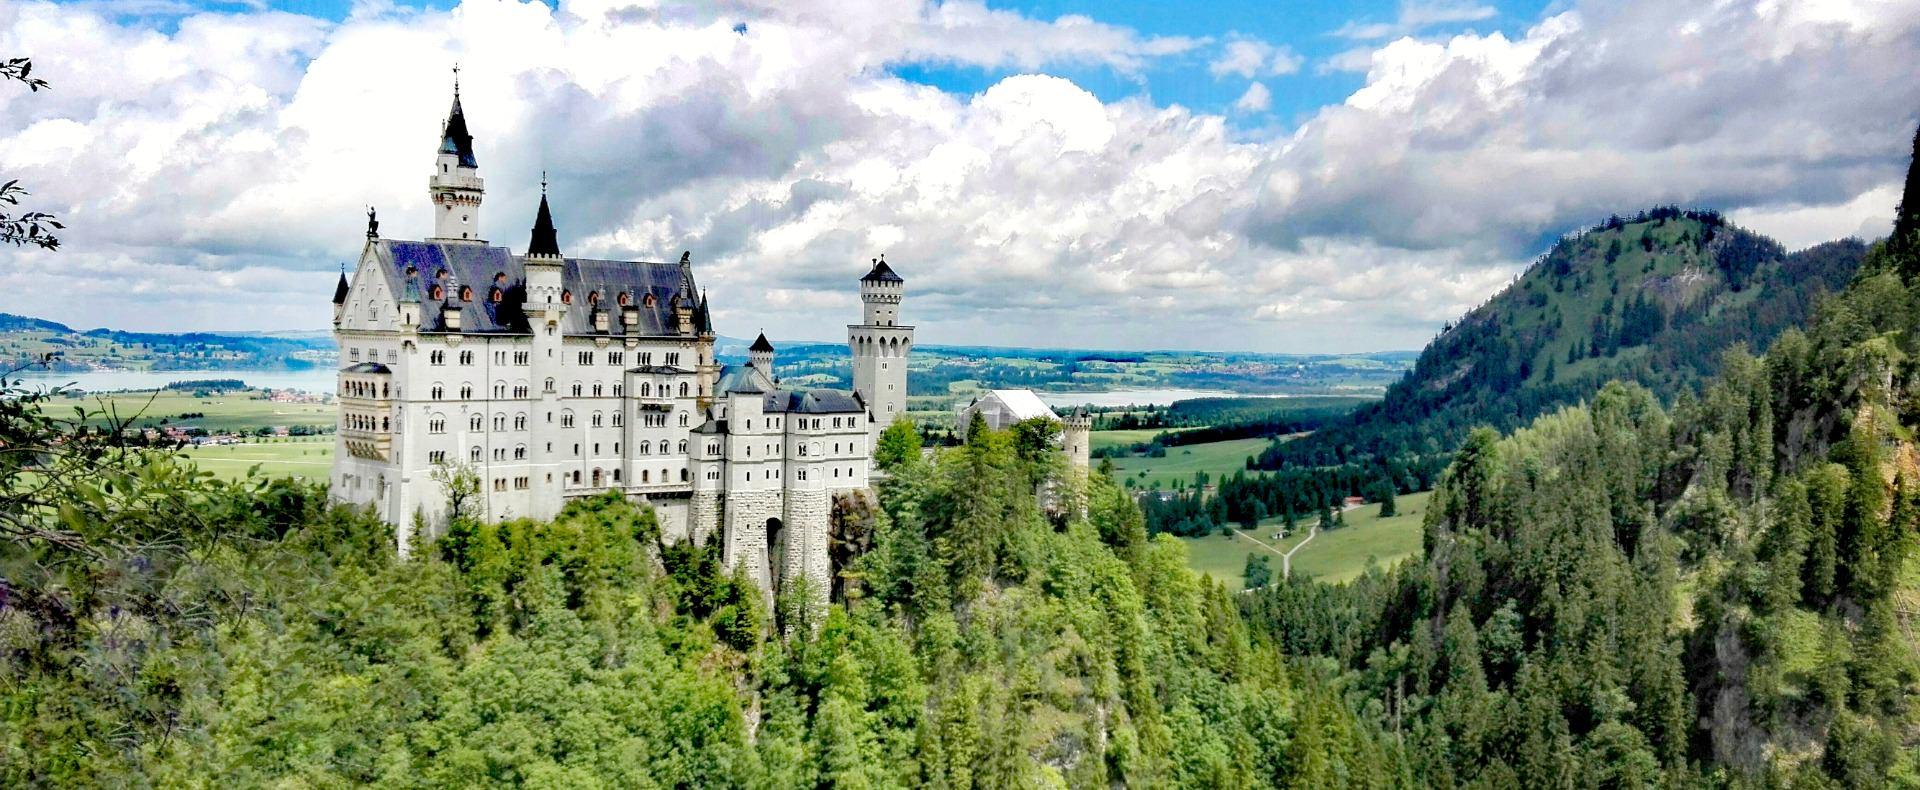 Neuschwanstain Castle, Germany